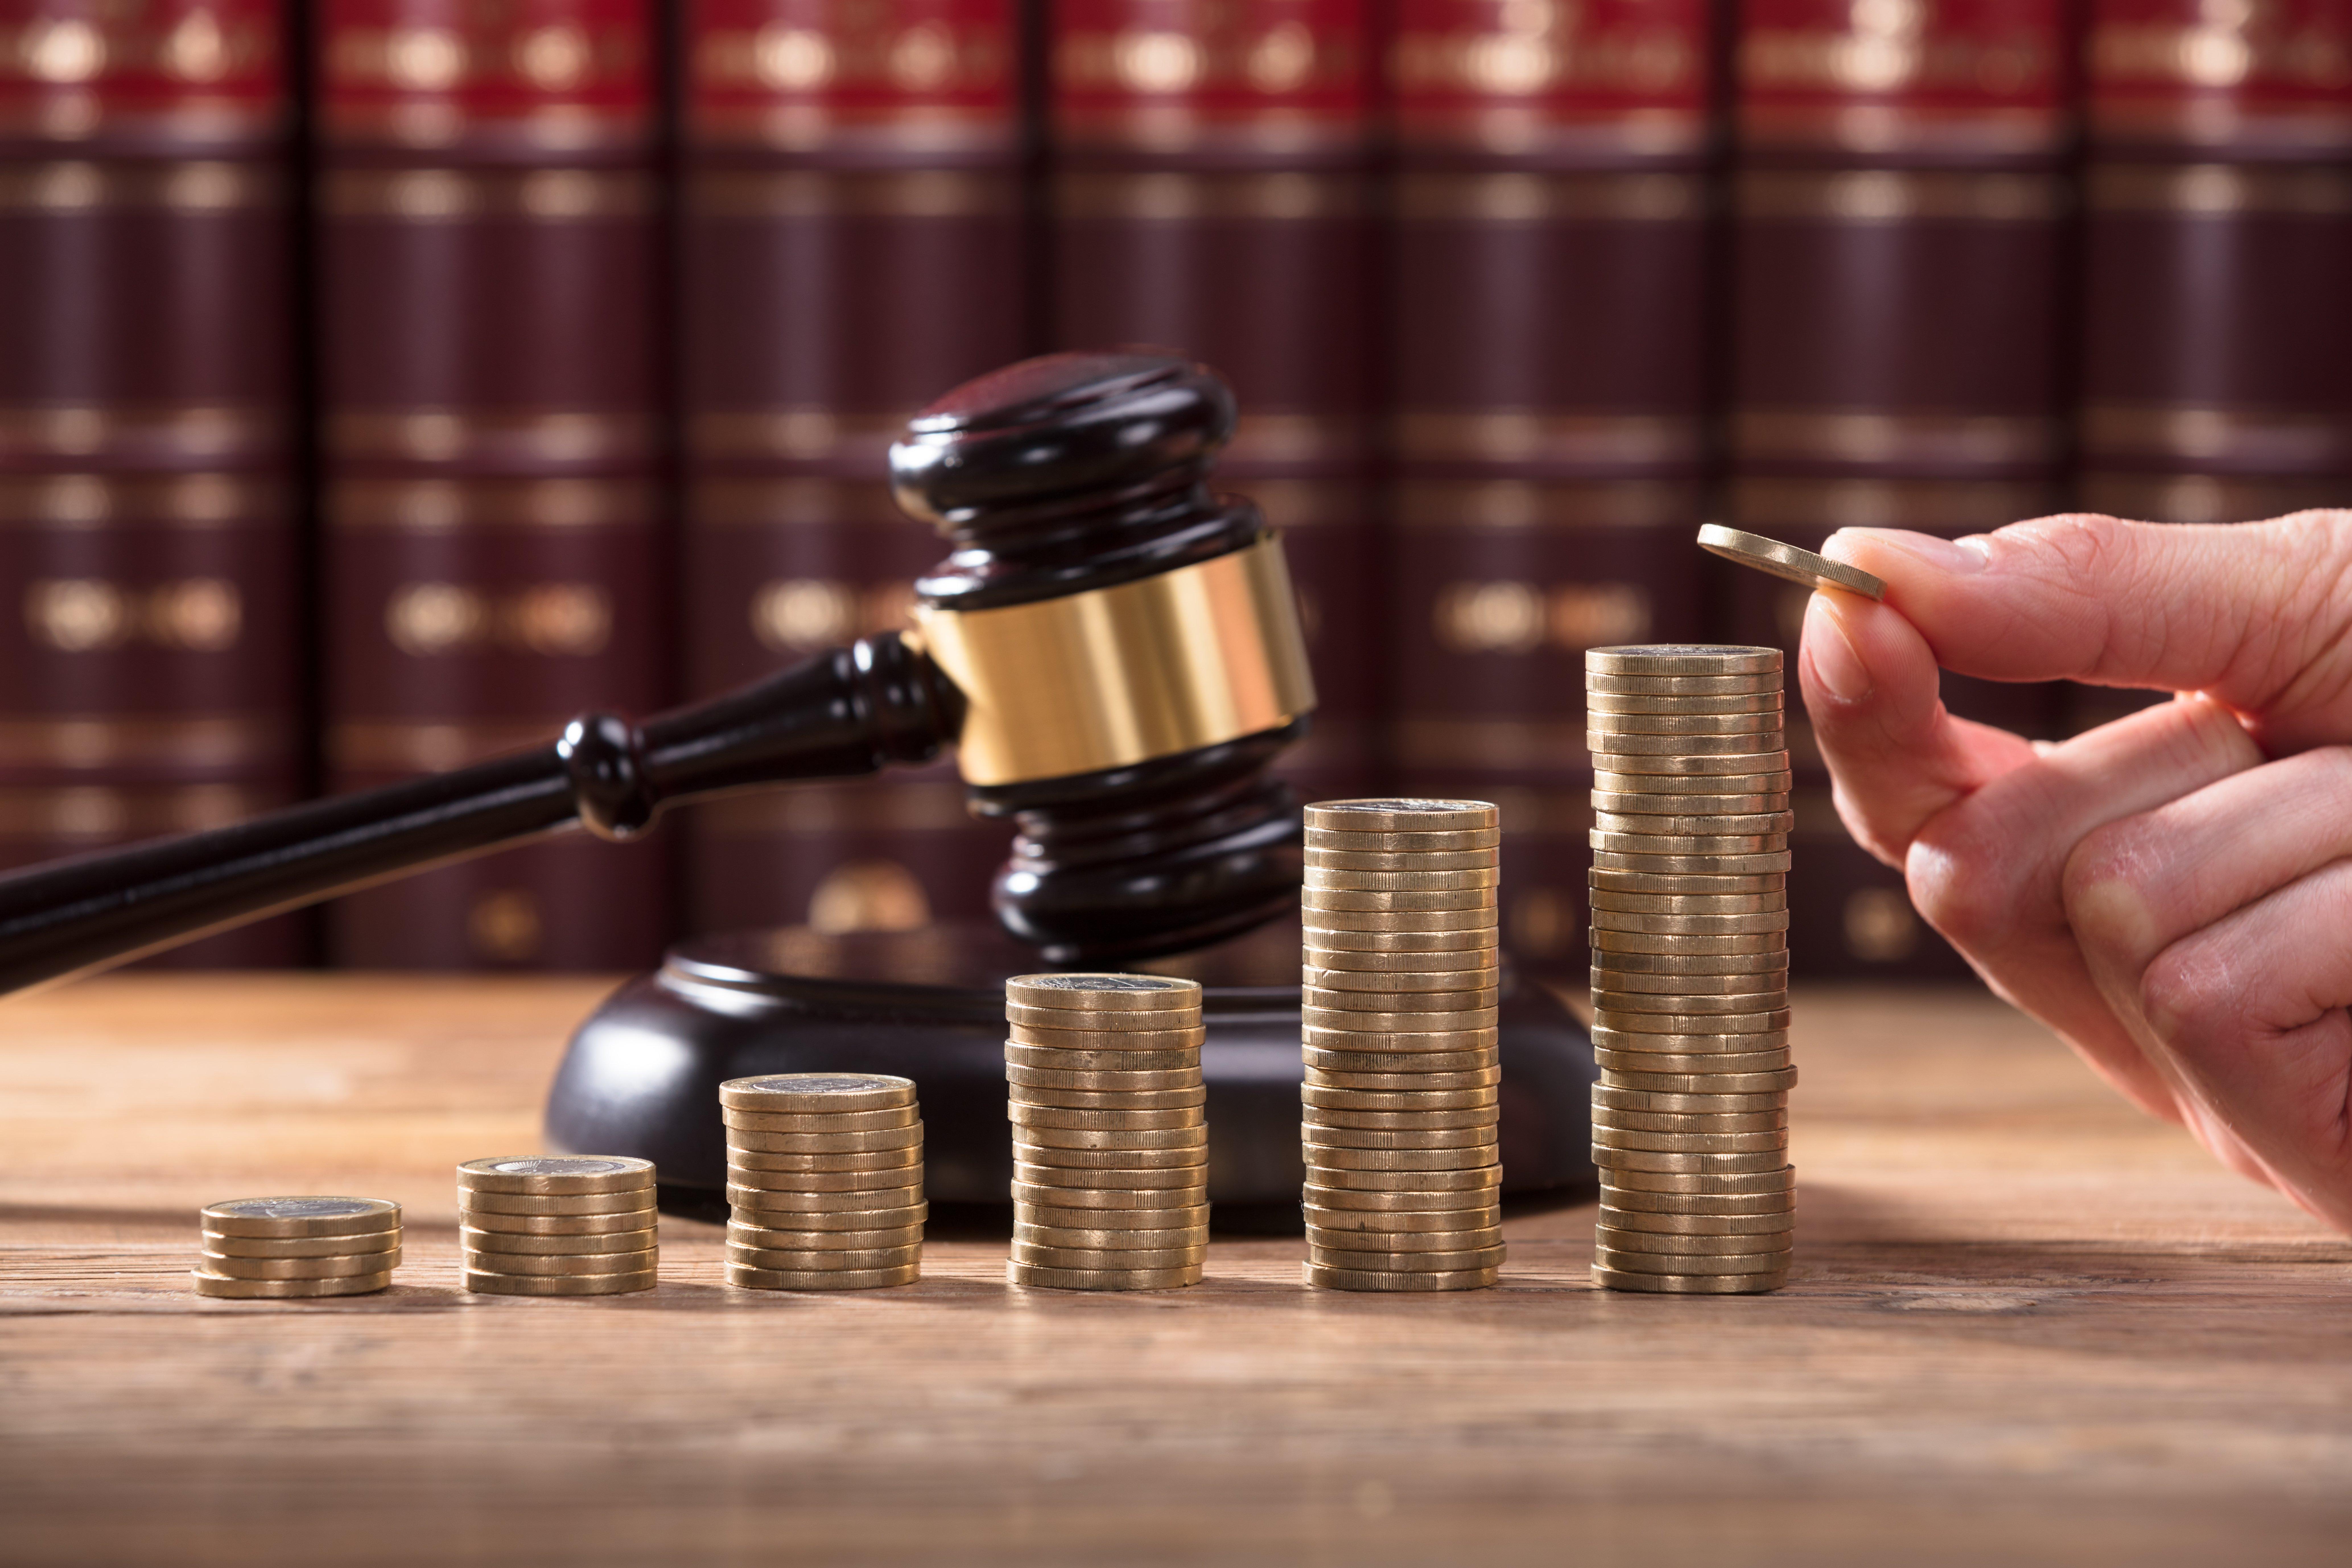 Imagen problemas actuales del derecho penal - articulo UCQ